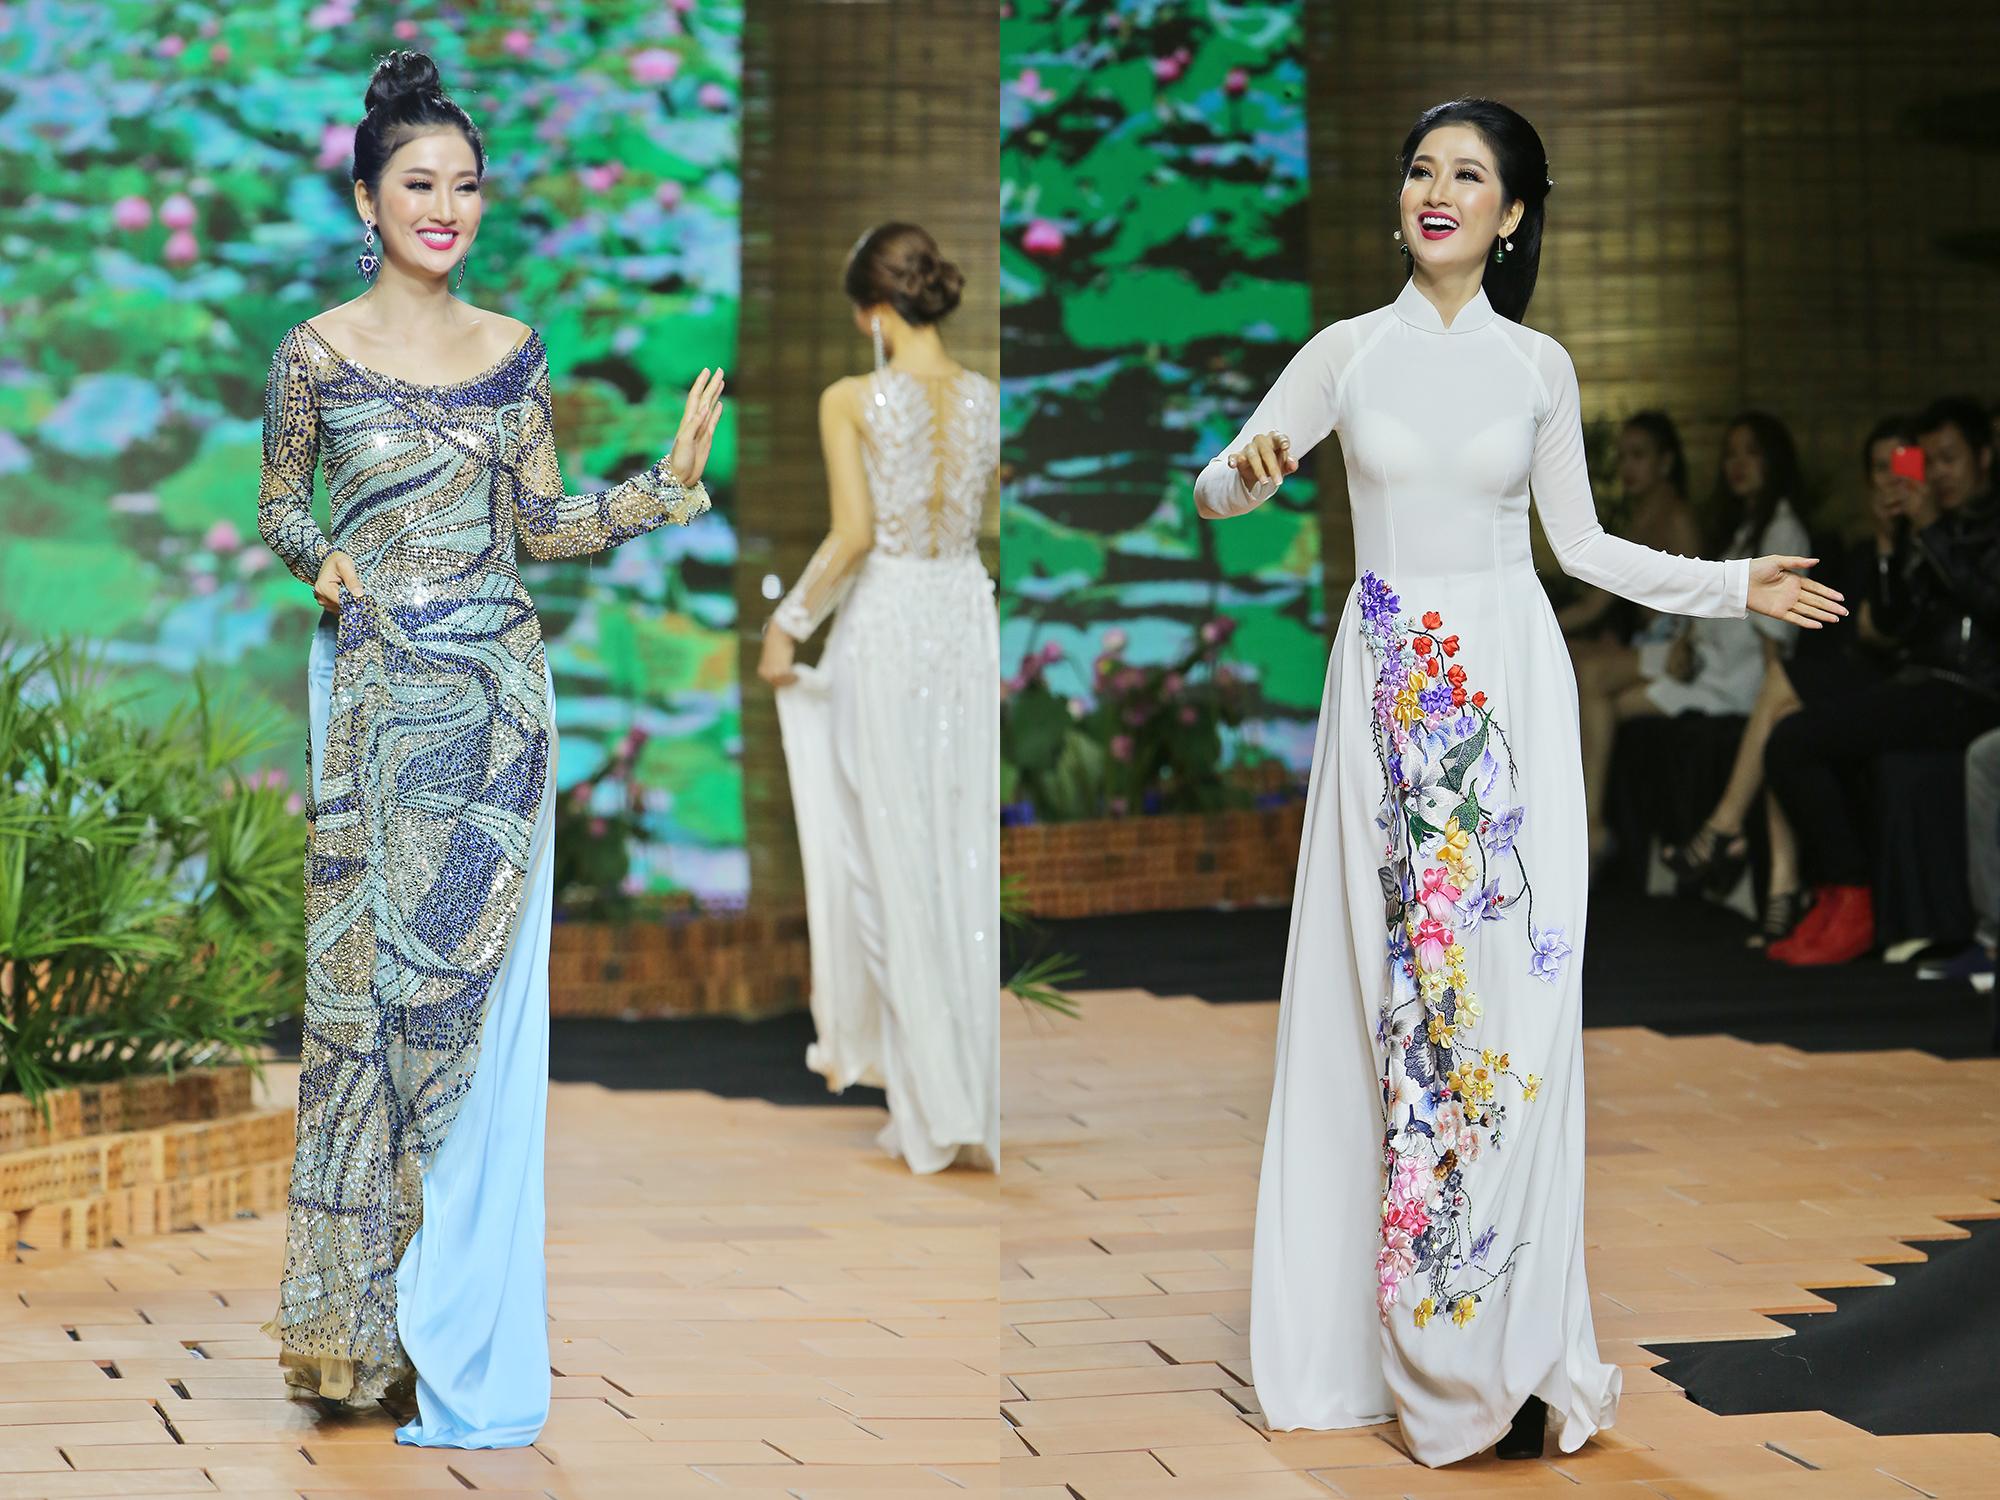 Diễn 2 màn vedette NTK Long Phụng - Quỳnh Lam làm Nữ hoàng trên sàn diễn thời trang